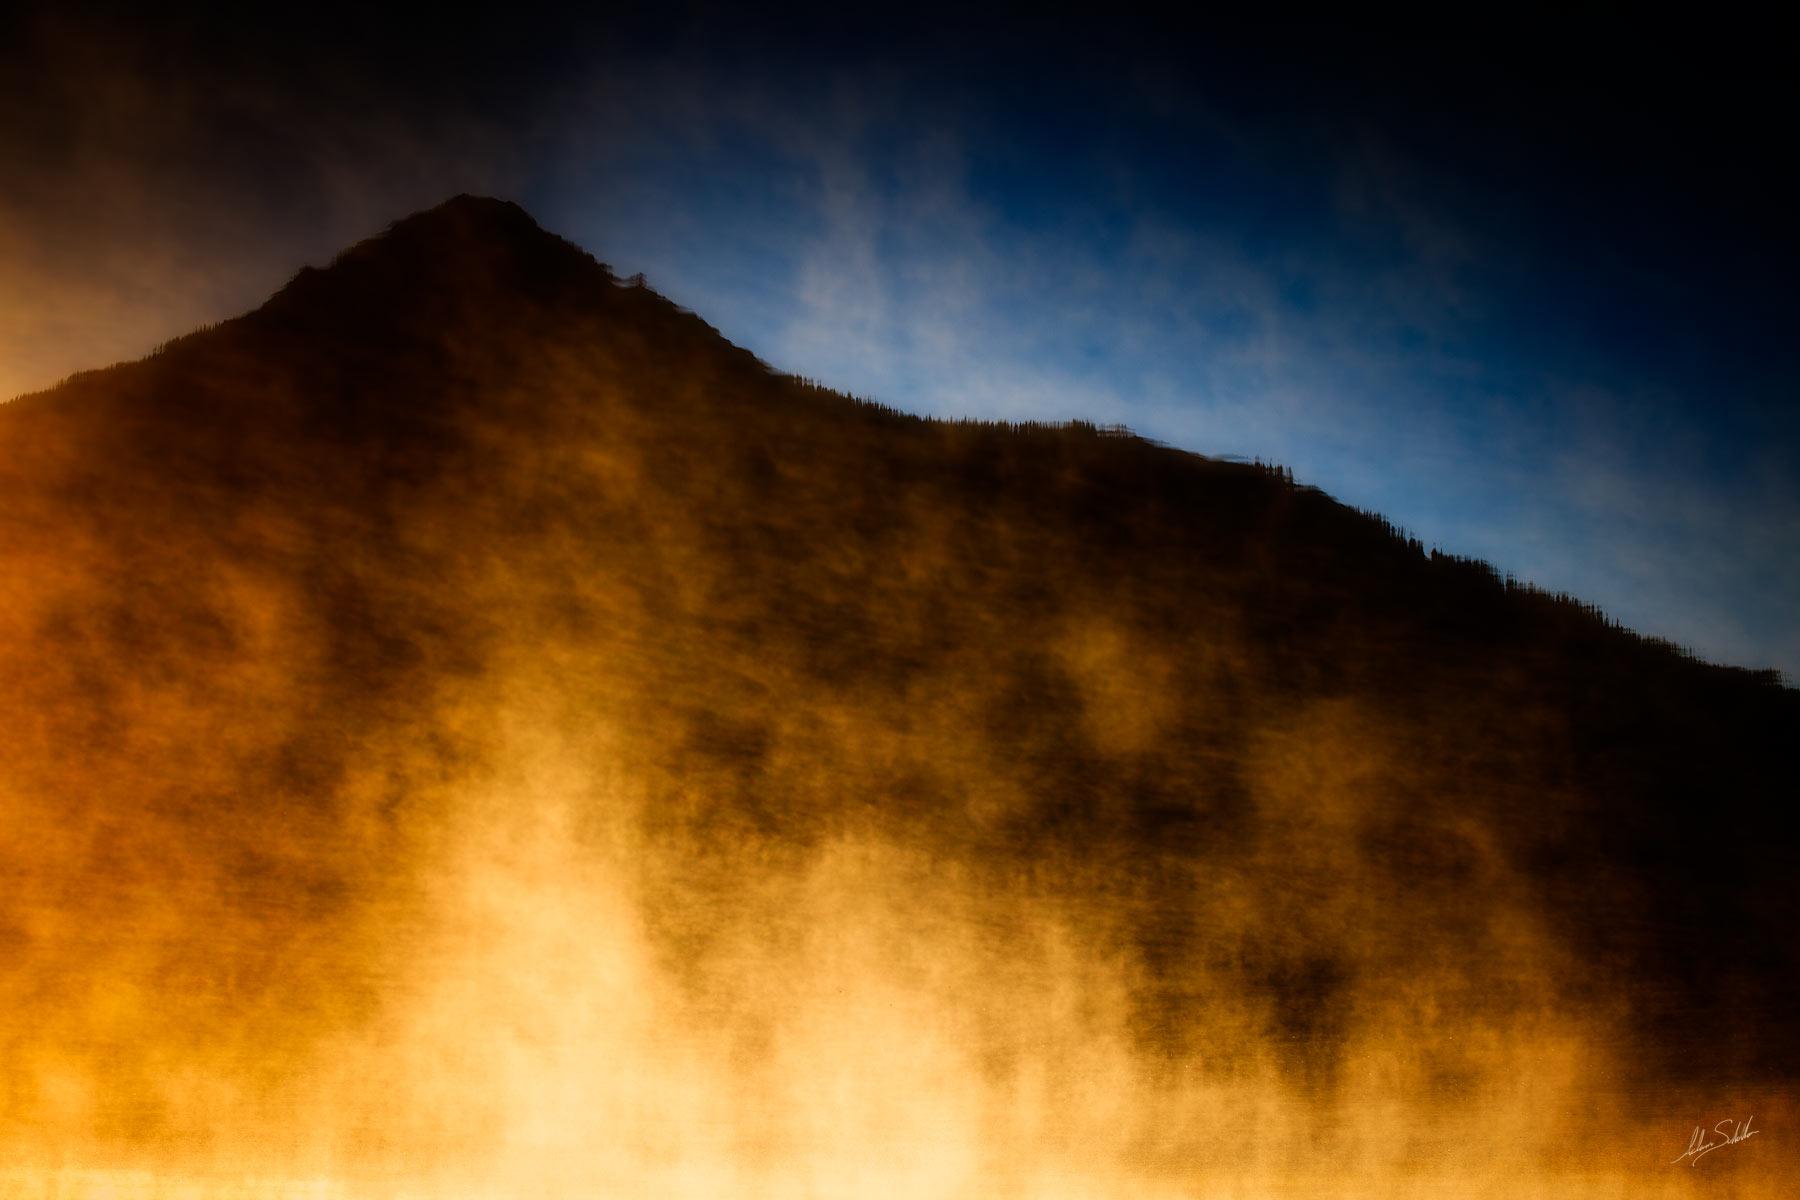 Colorado, Crested Butte, Fog, Peanut Lake, Fog, photo